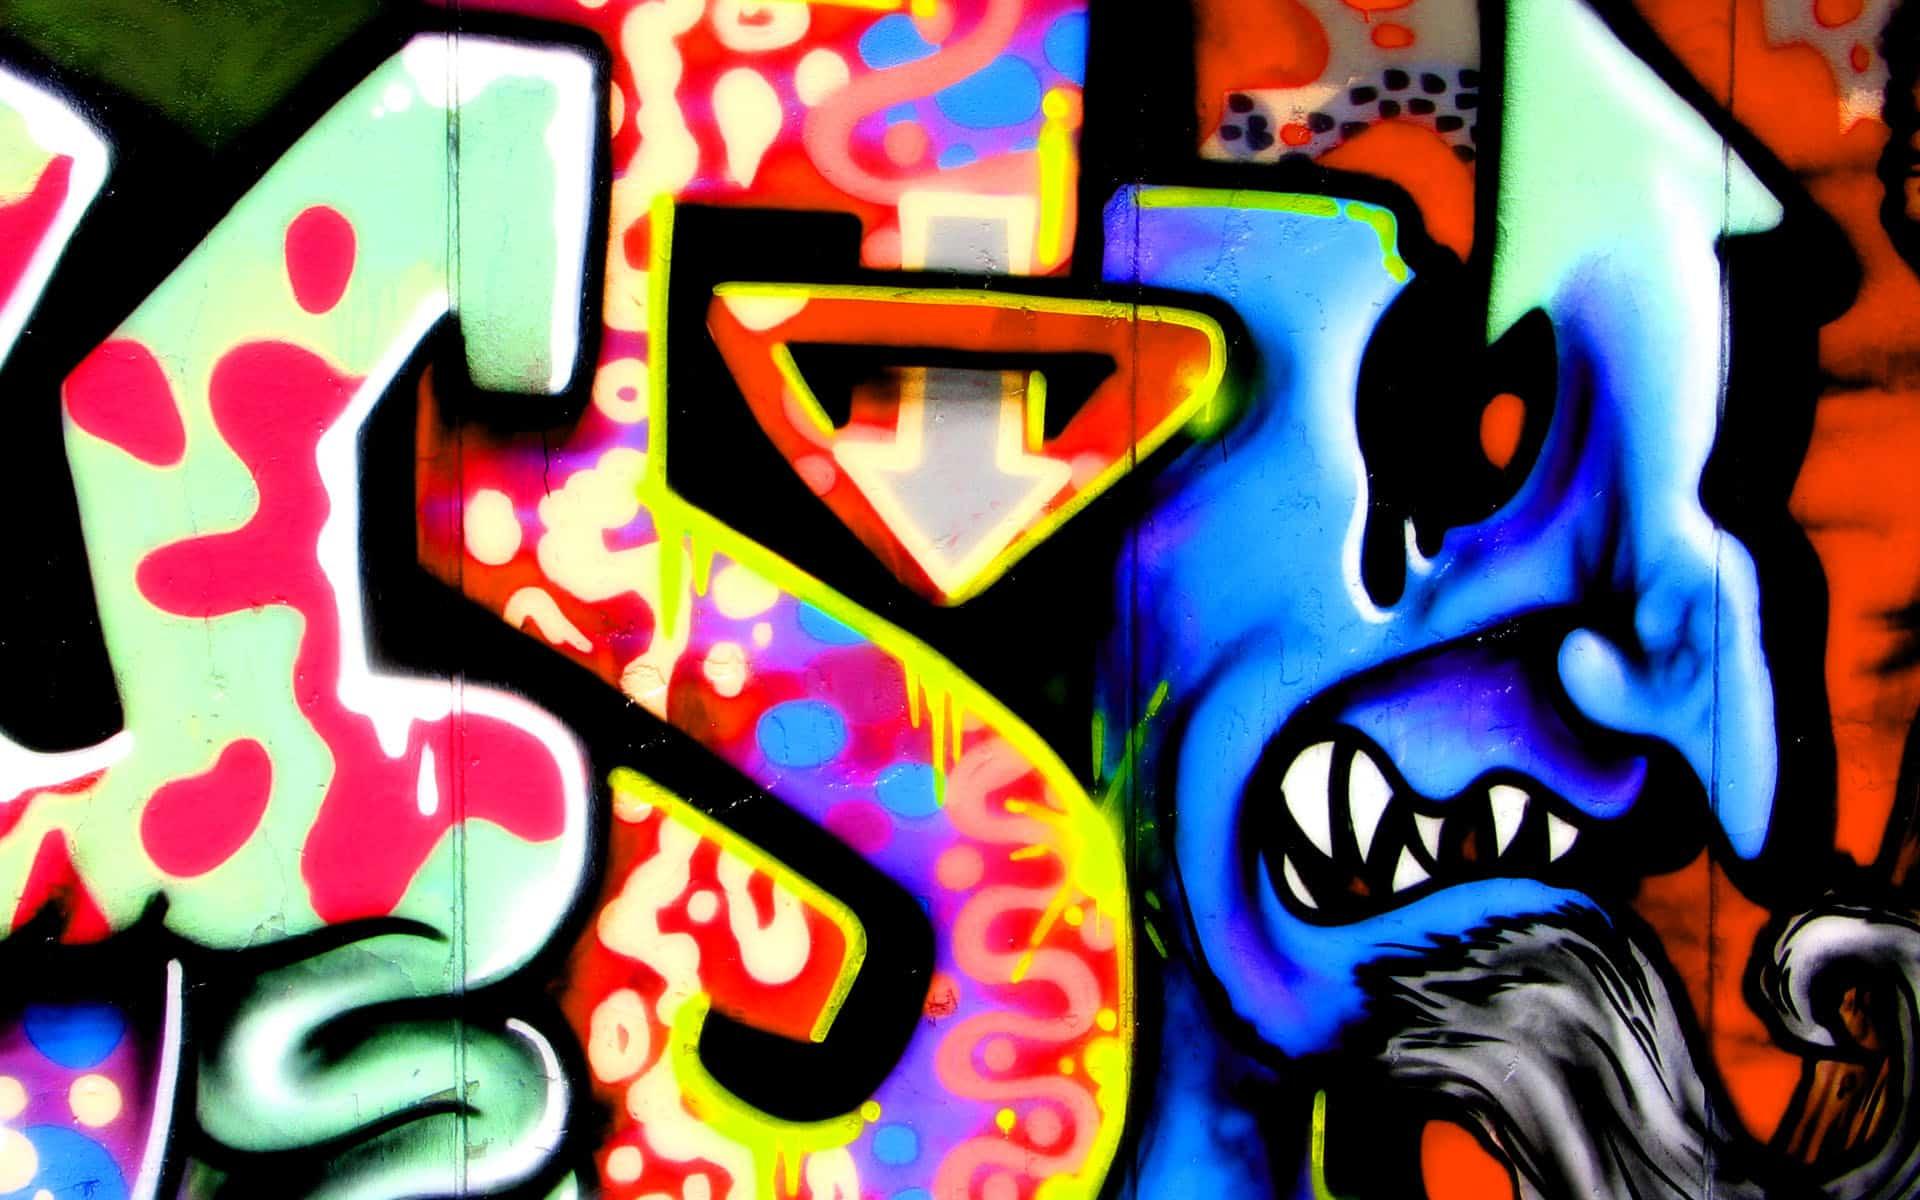 Kussenhoes maken met eigen foto for Immagini graffiti hd